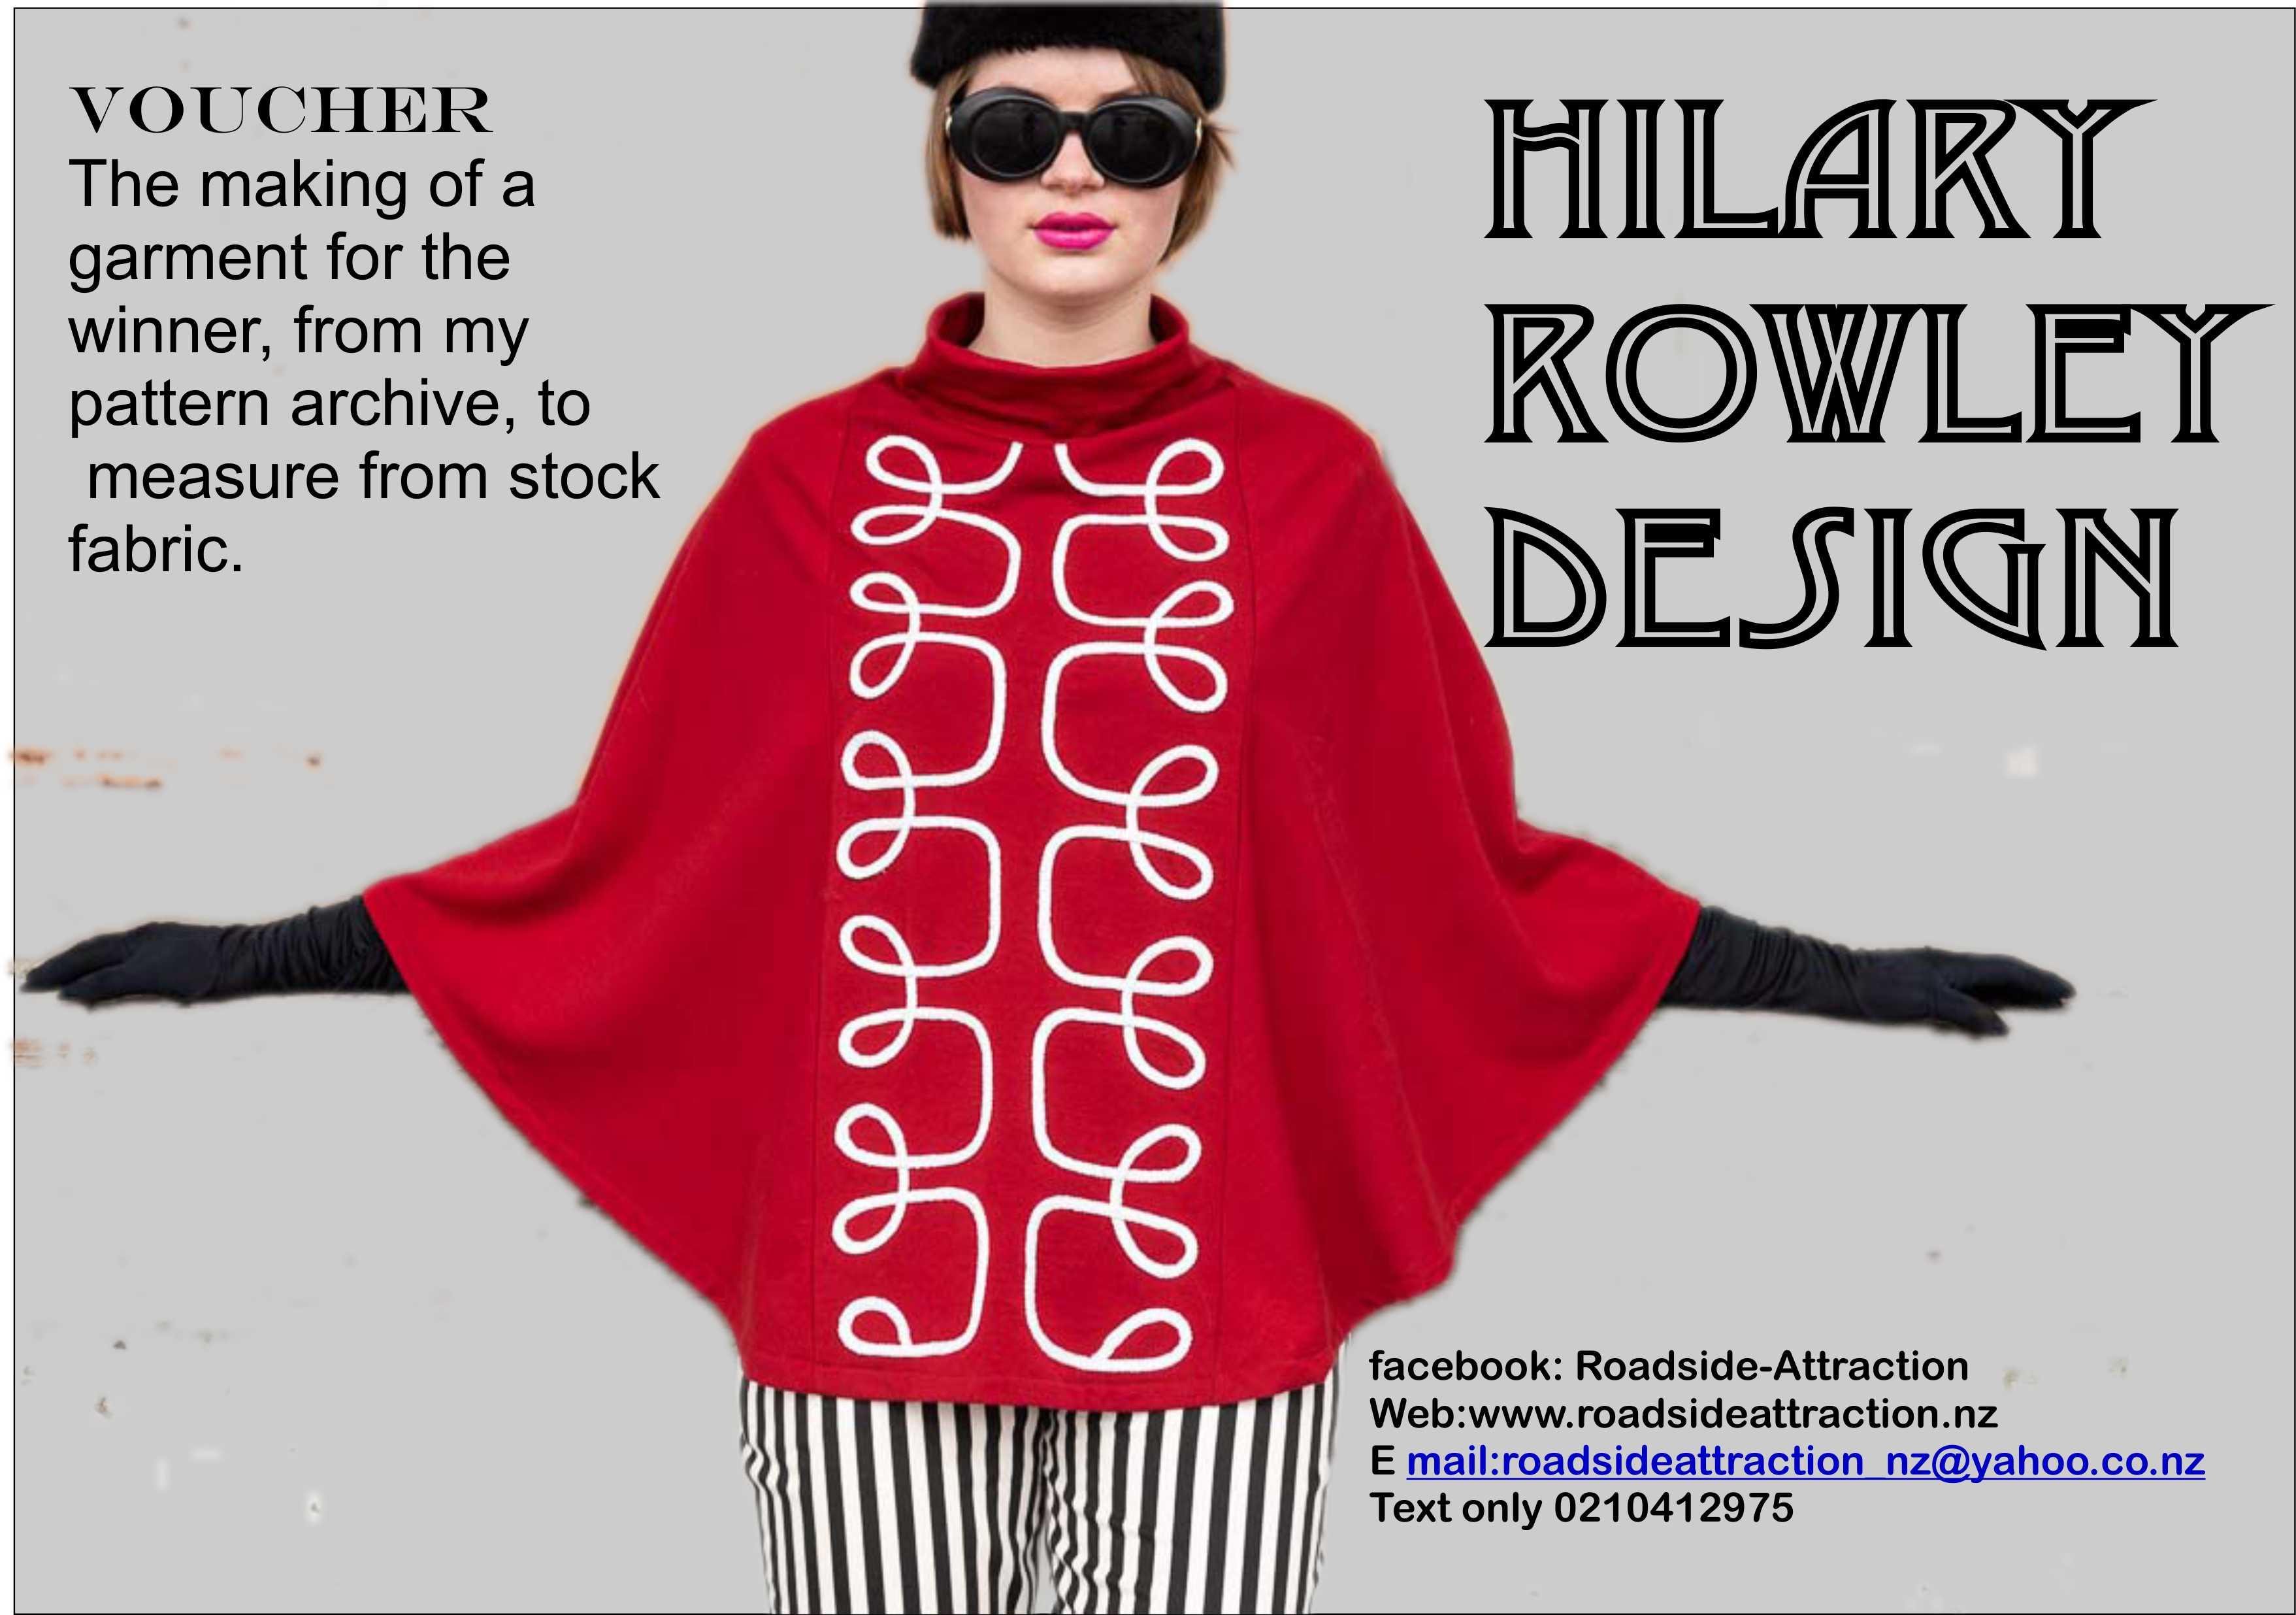 Hilary Rowley Original